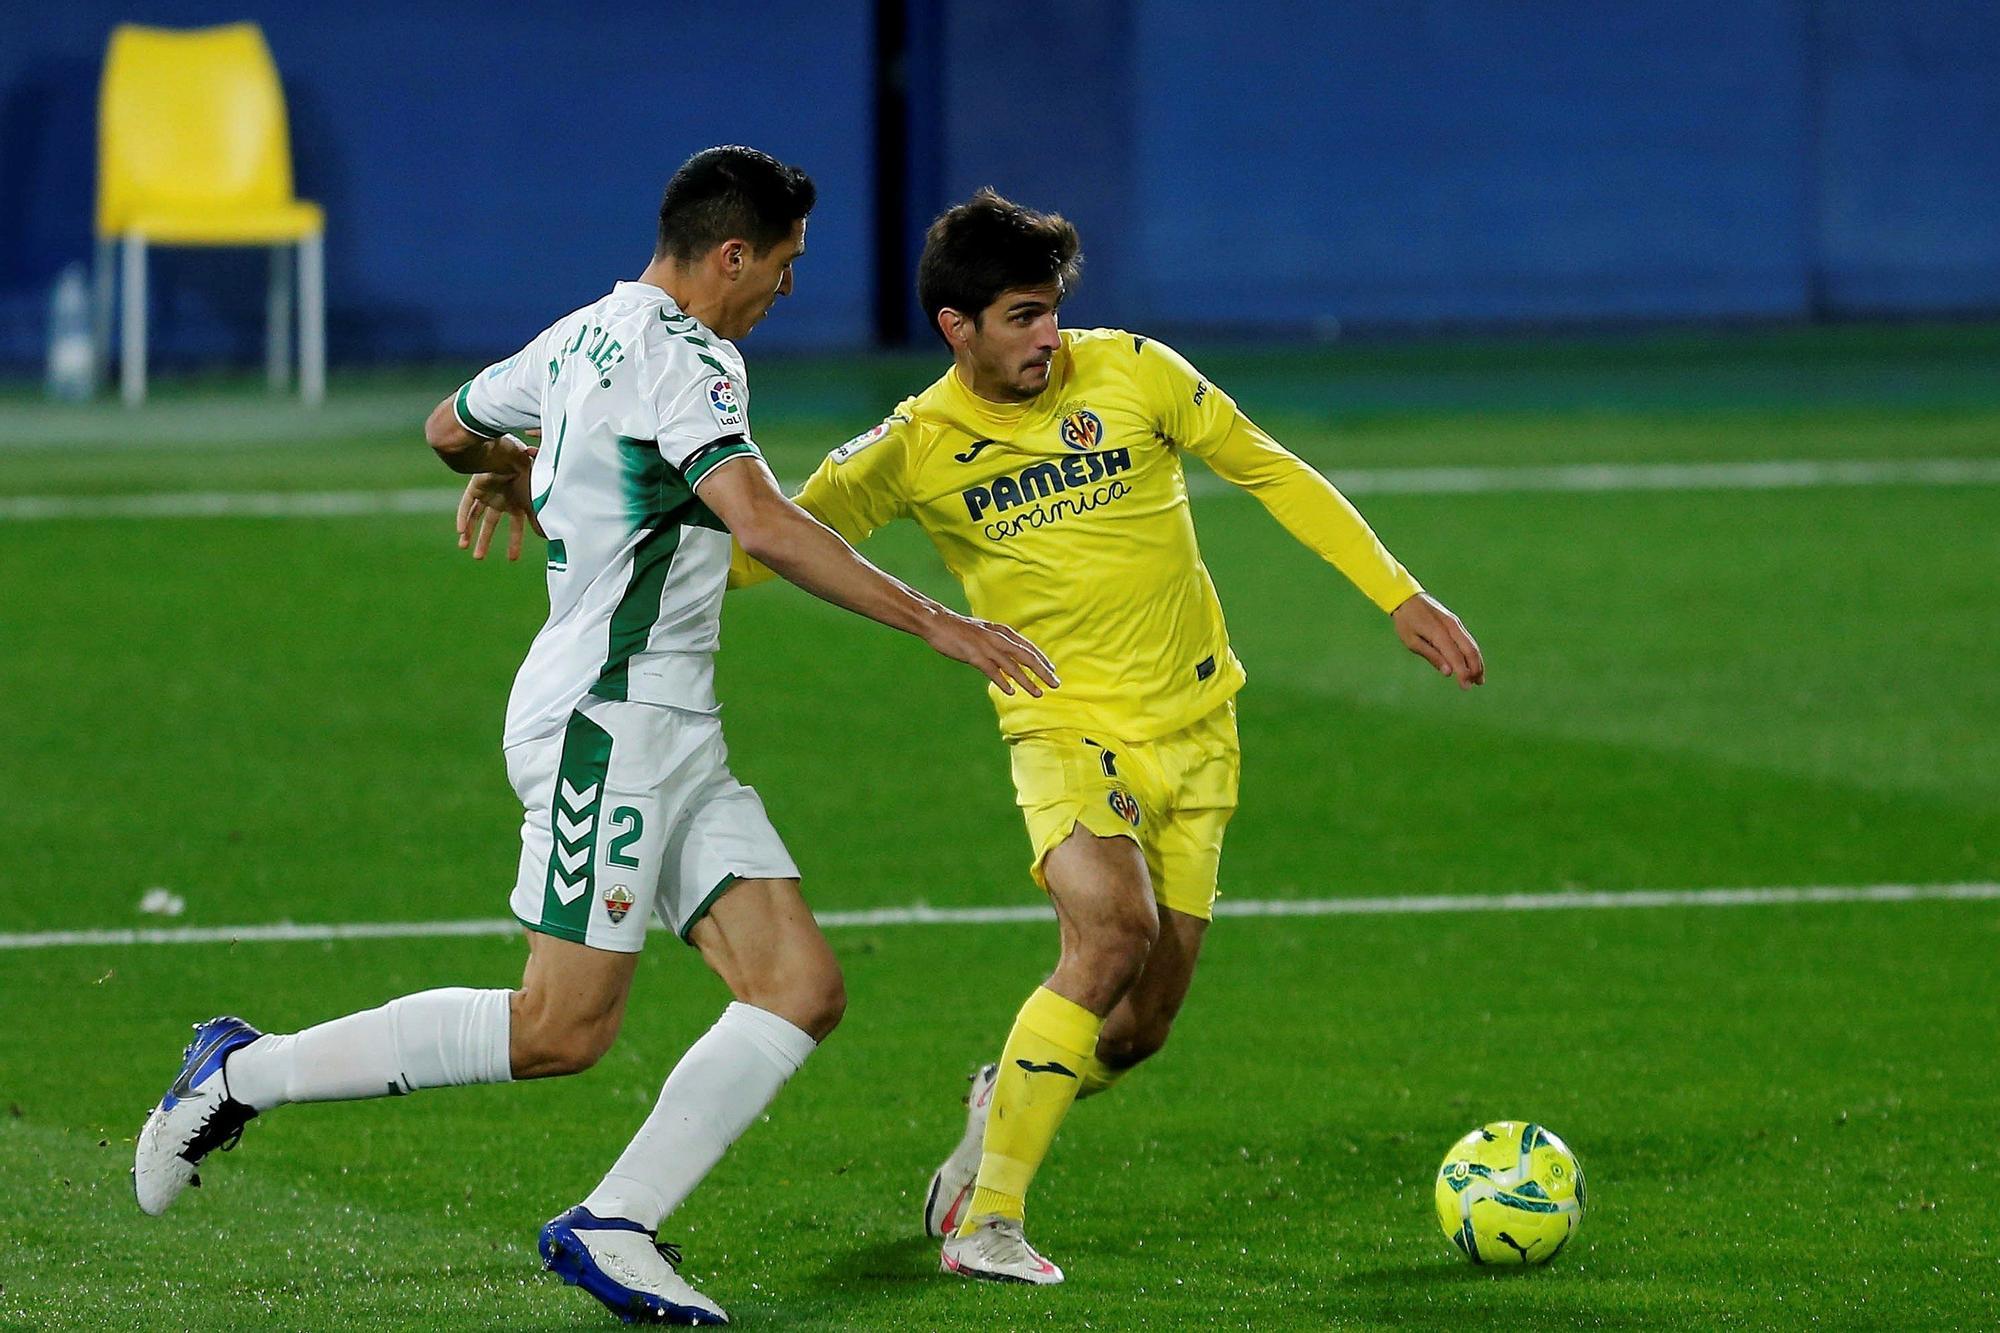 Villarreal - Elche: las imágenes del partido